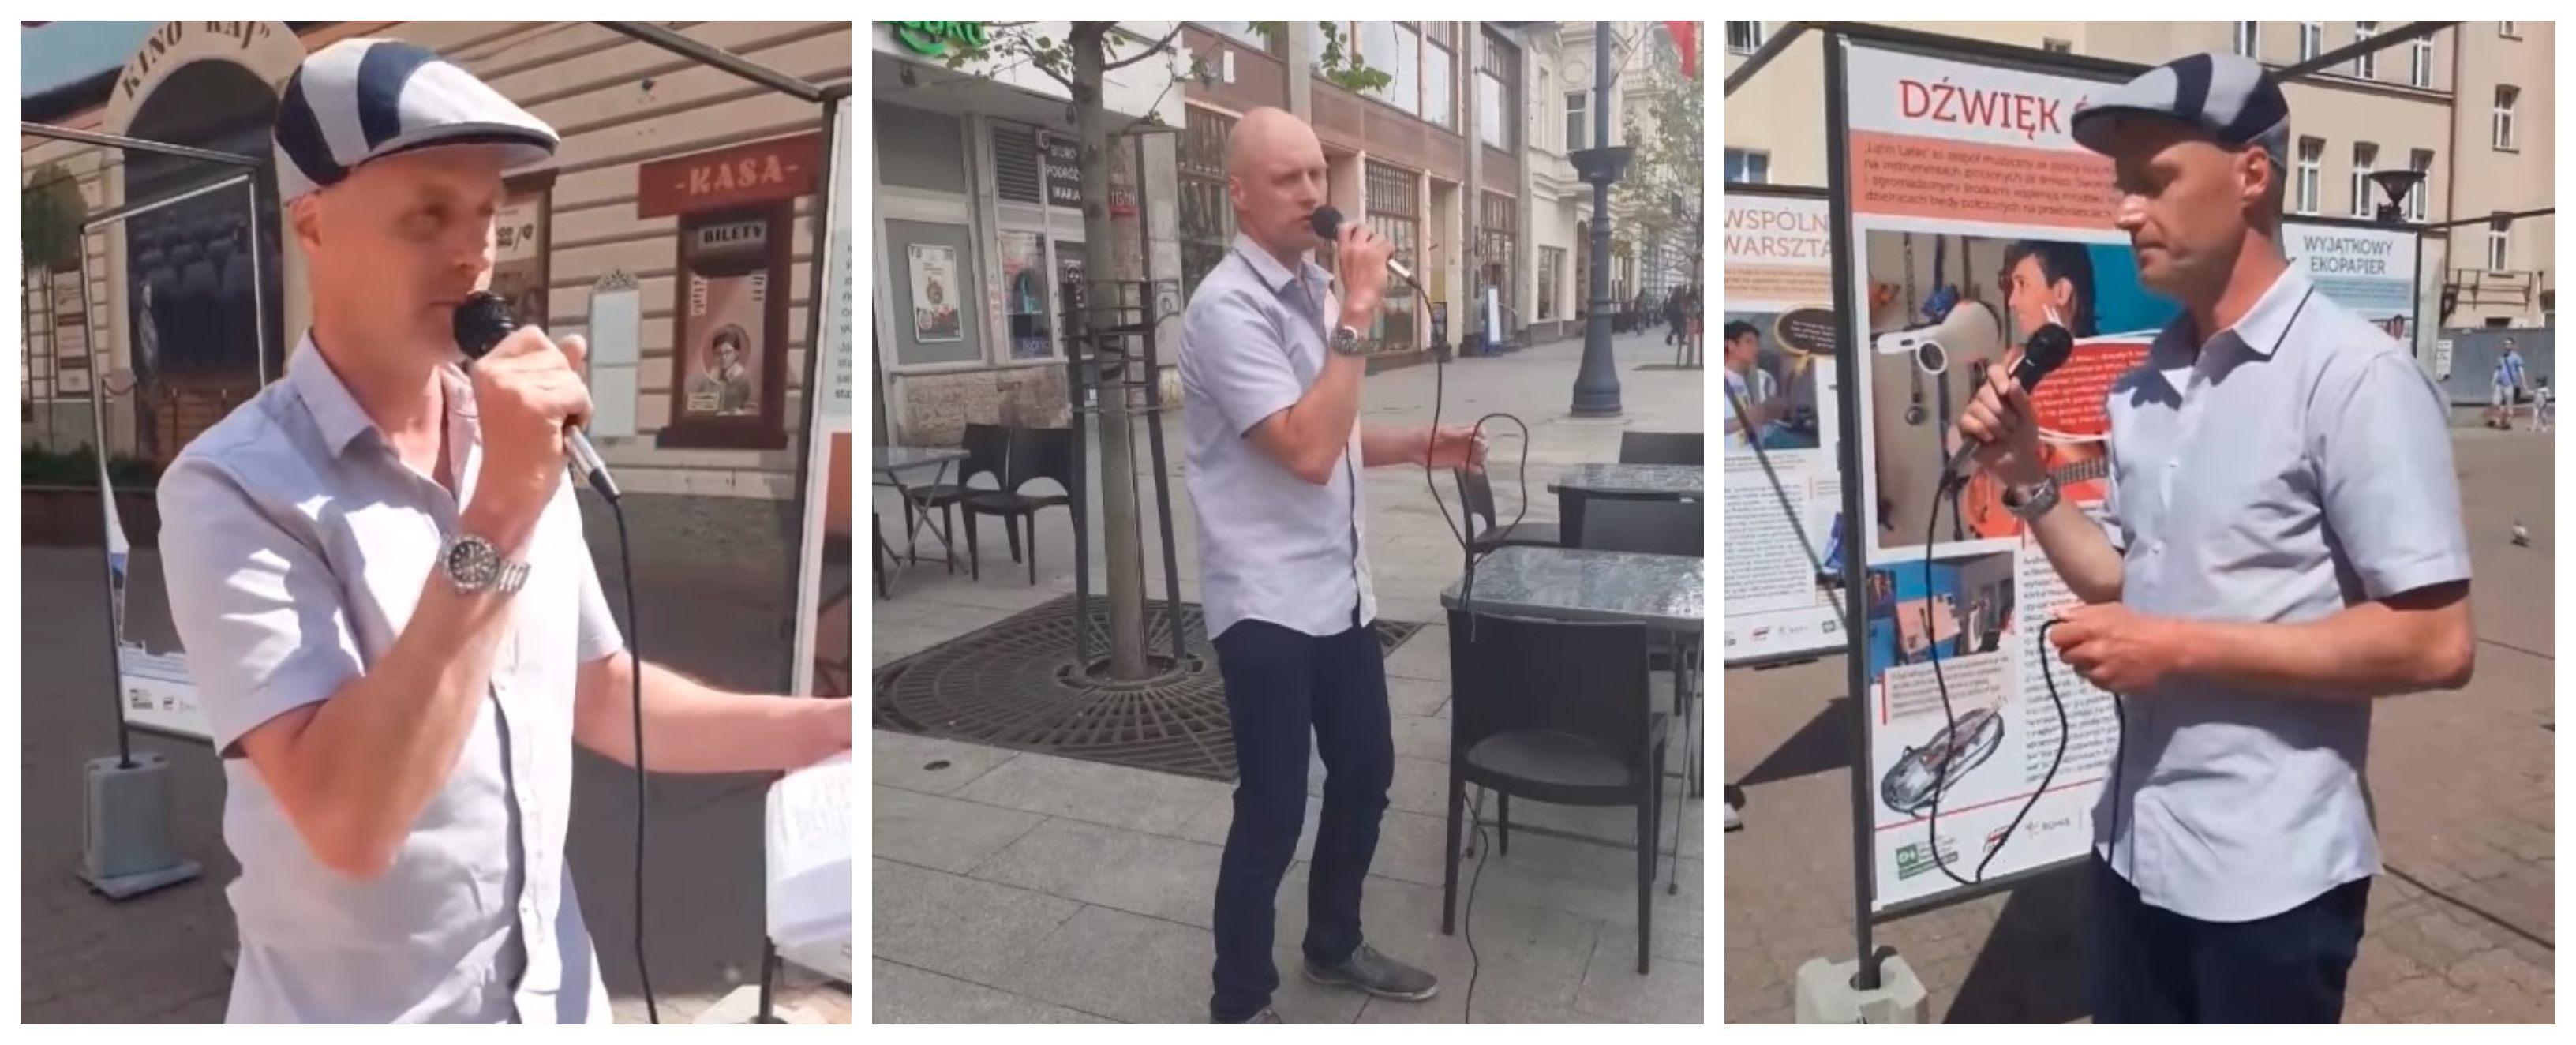 Krzysztof Krawczyk Junior śpiewał w Łodzi